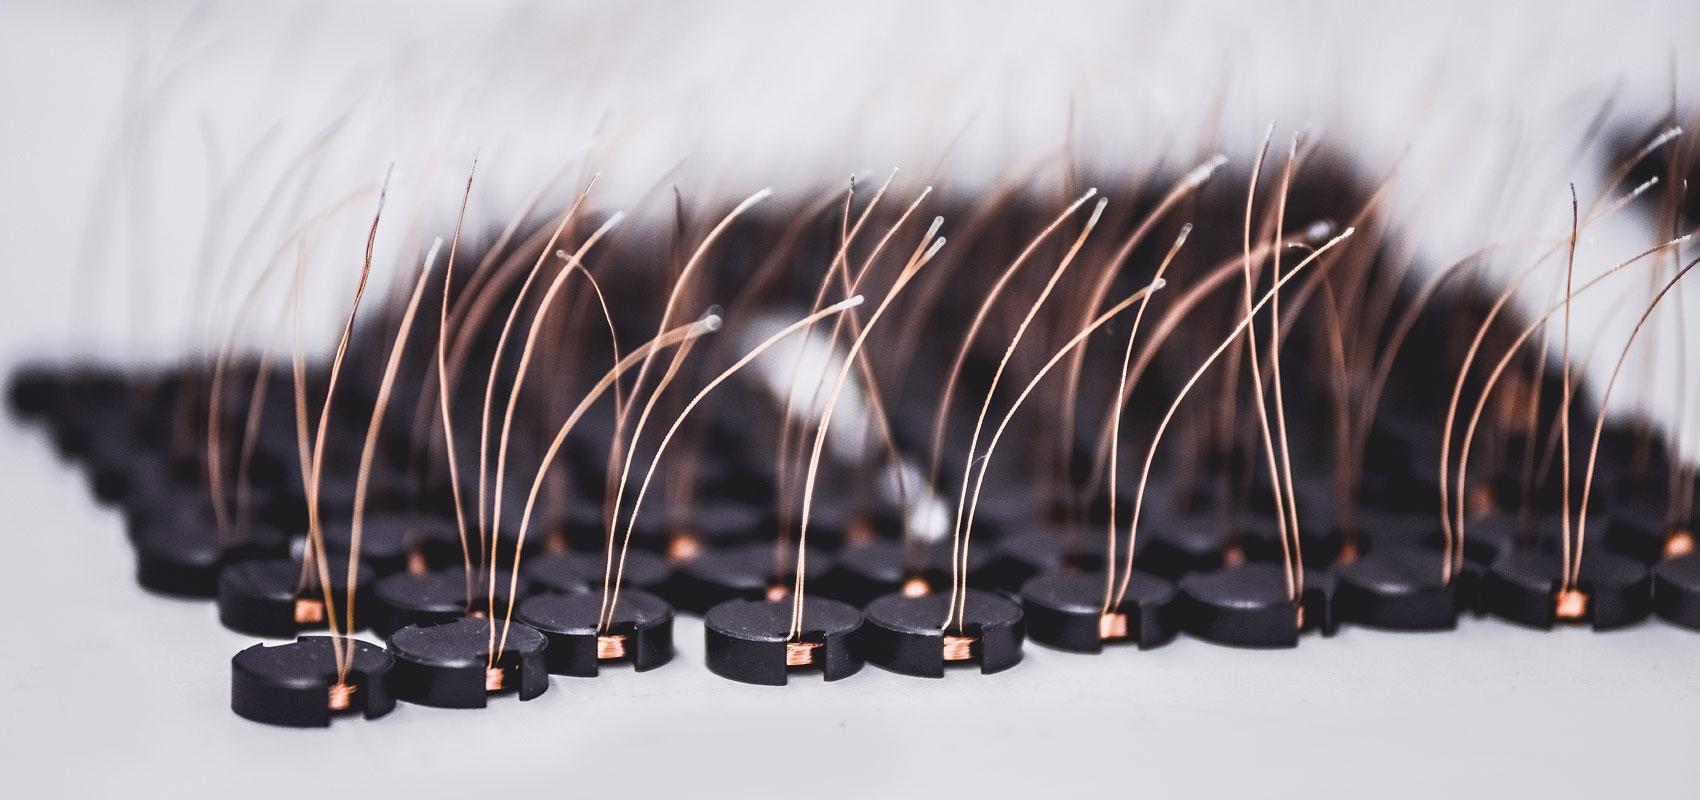 Verschiedene Sensorspulen - Müller Spulen